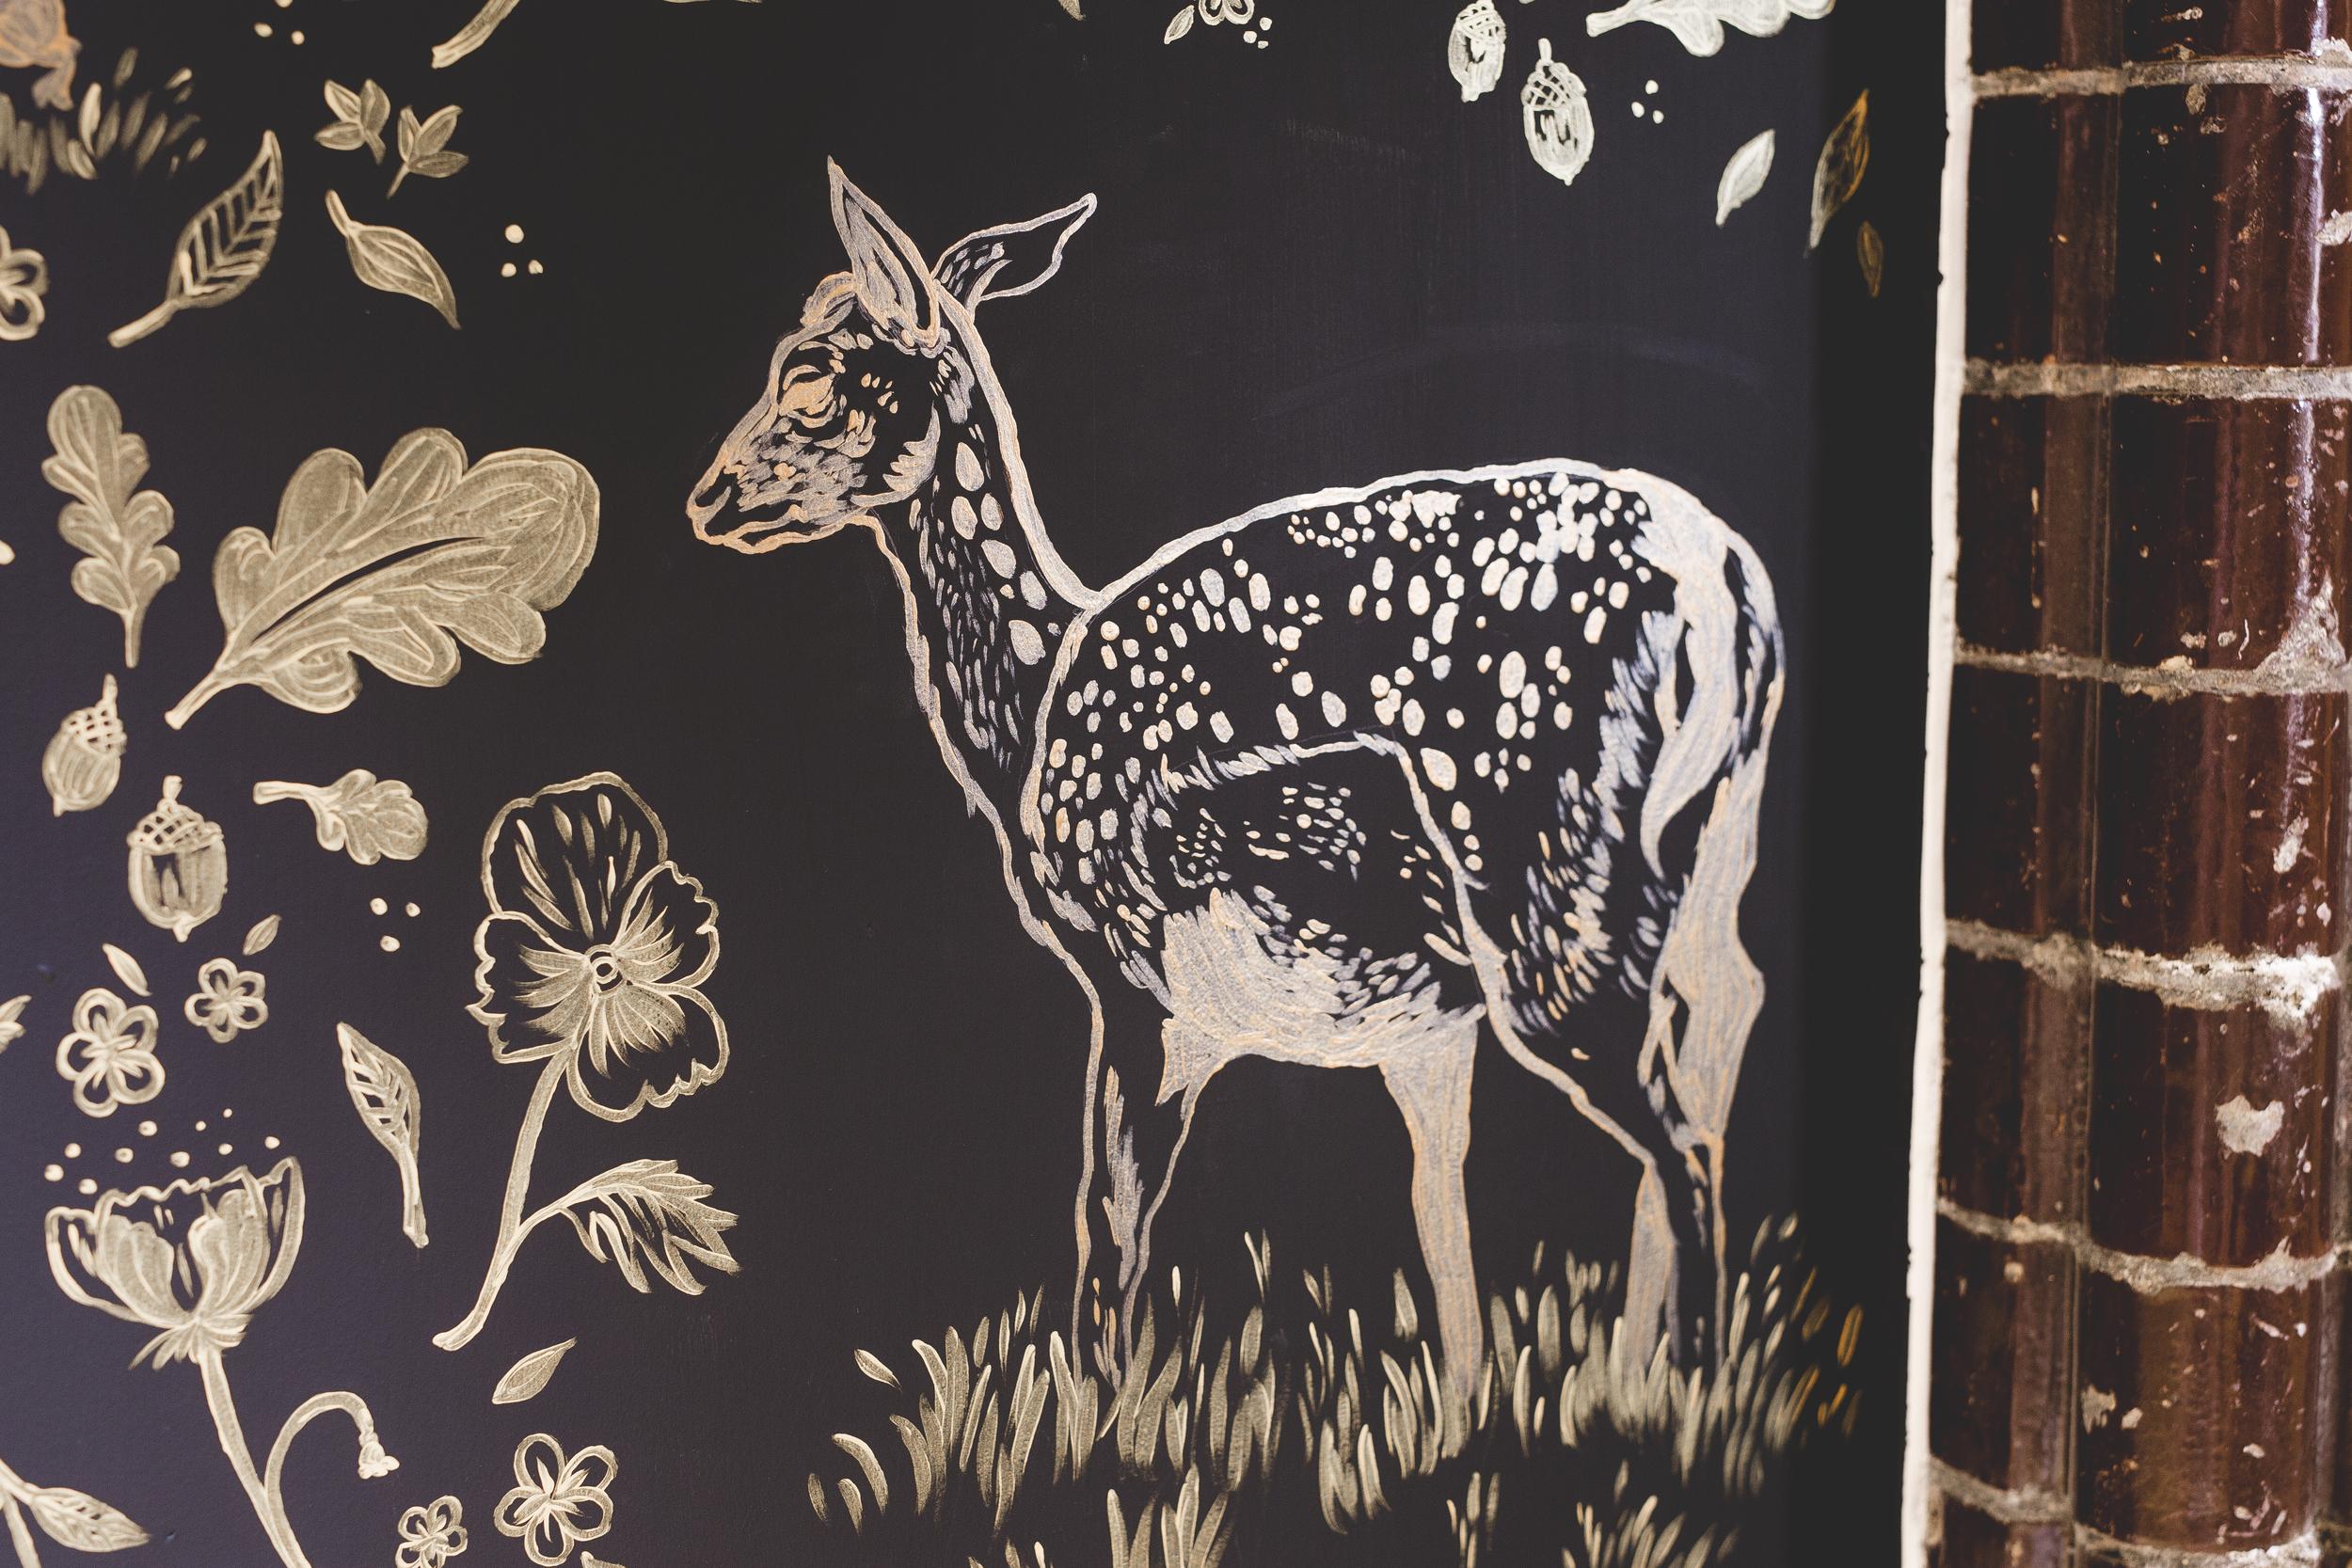 Malt Cross Mural Deer Close-Up